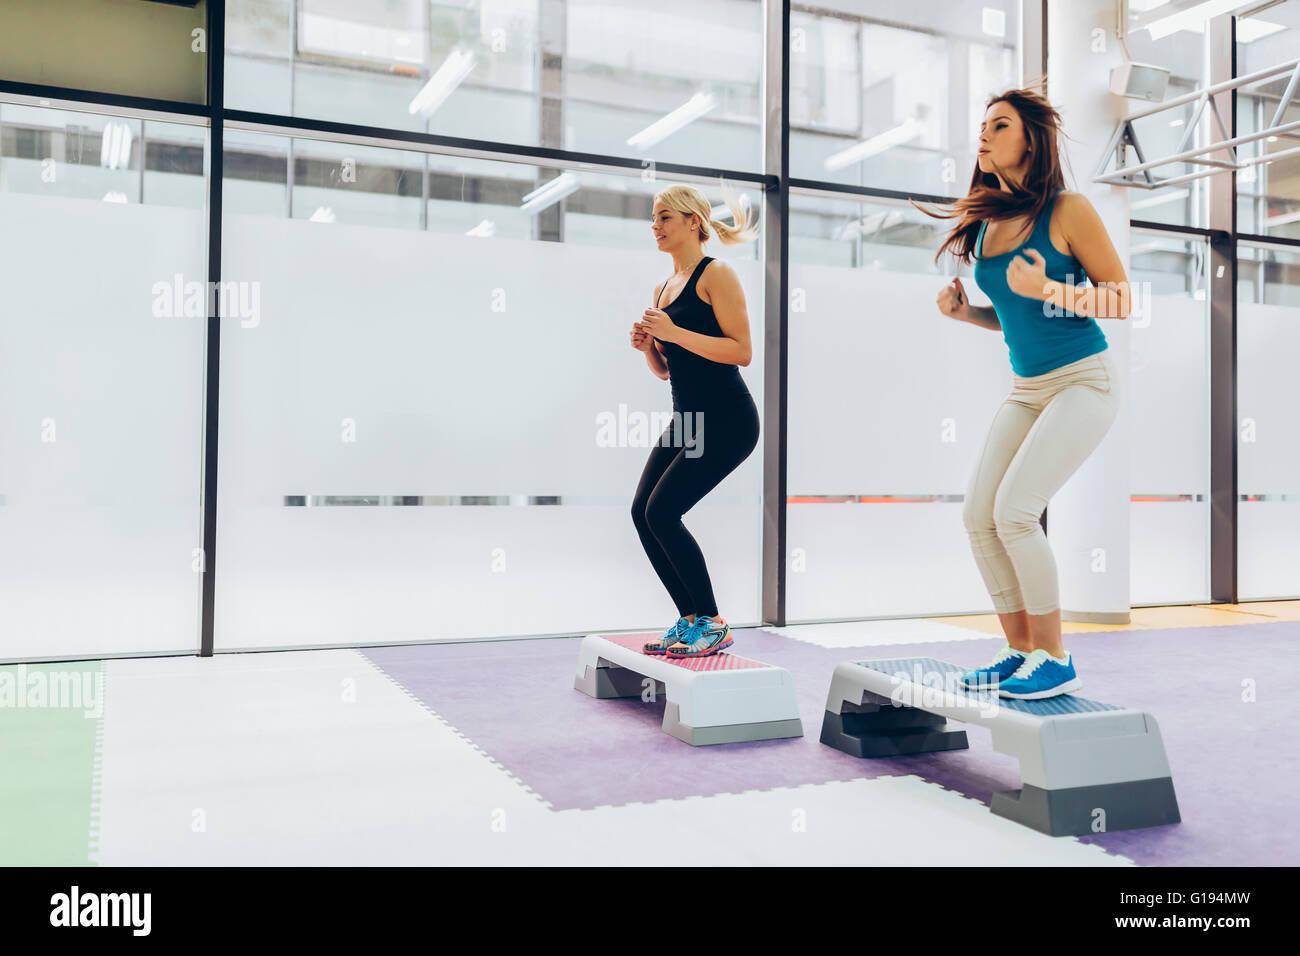 Hermosas Mujeres ejercicio aeróbicos en Niza fitness club. Foto de stock